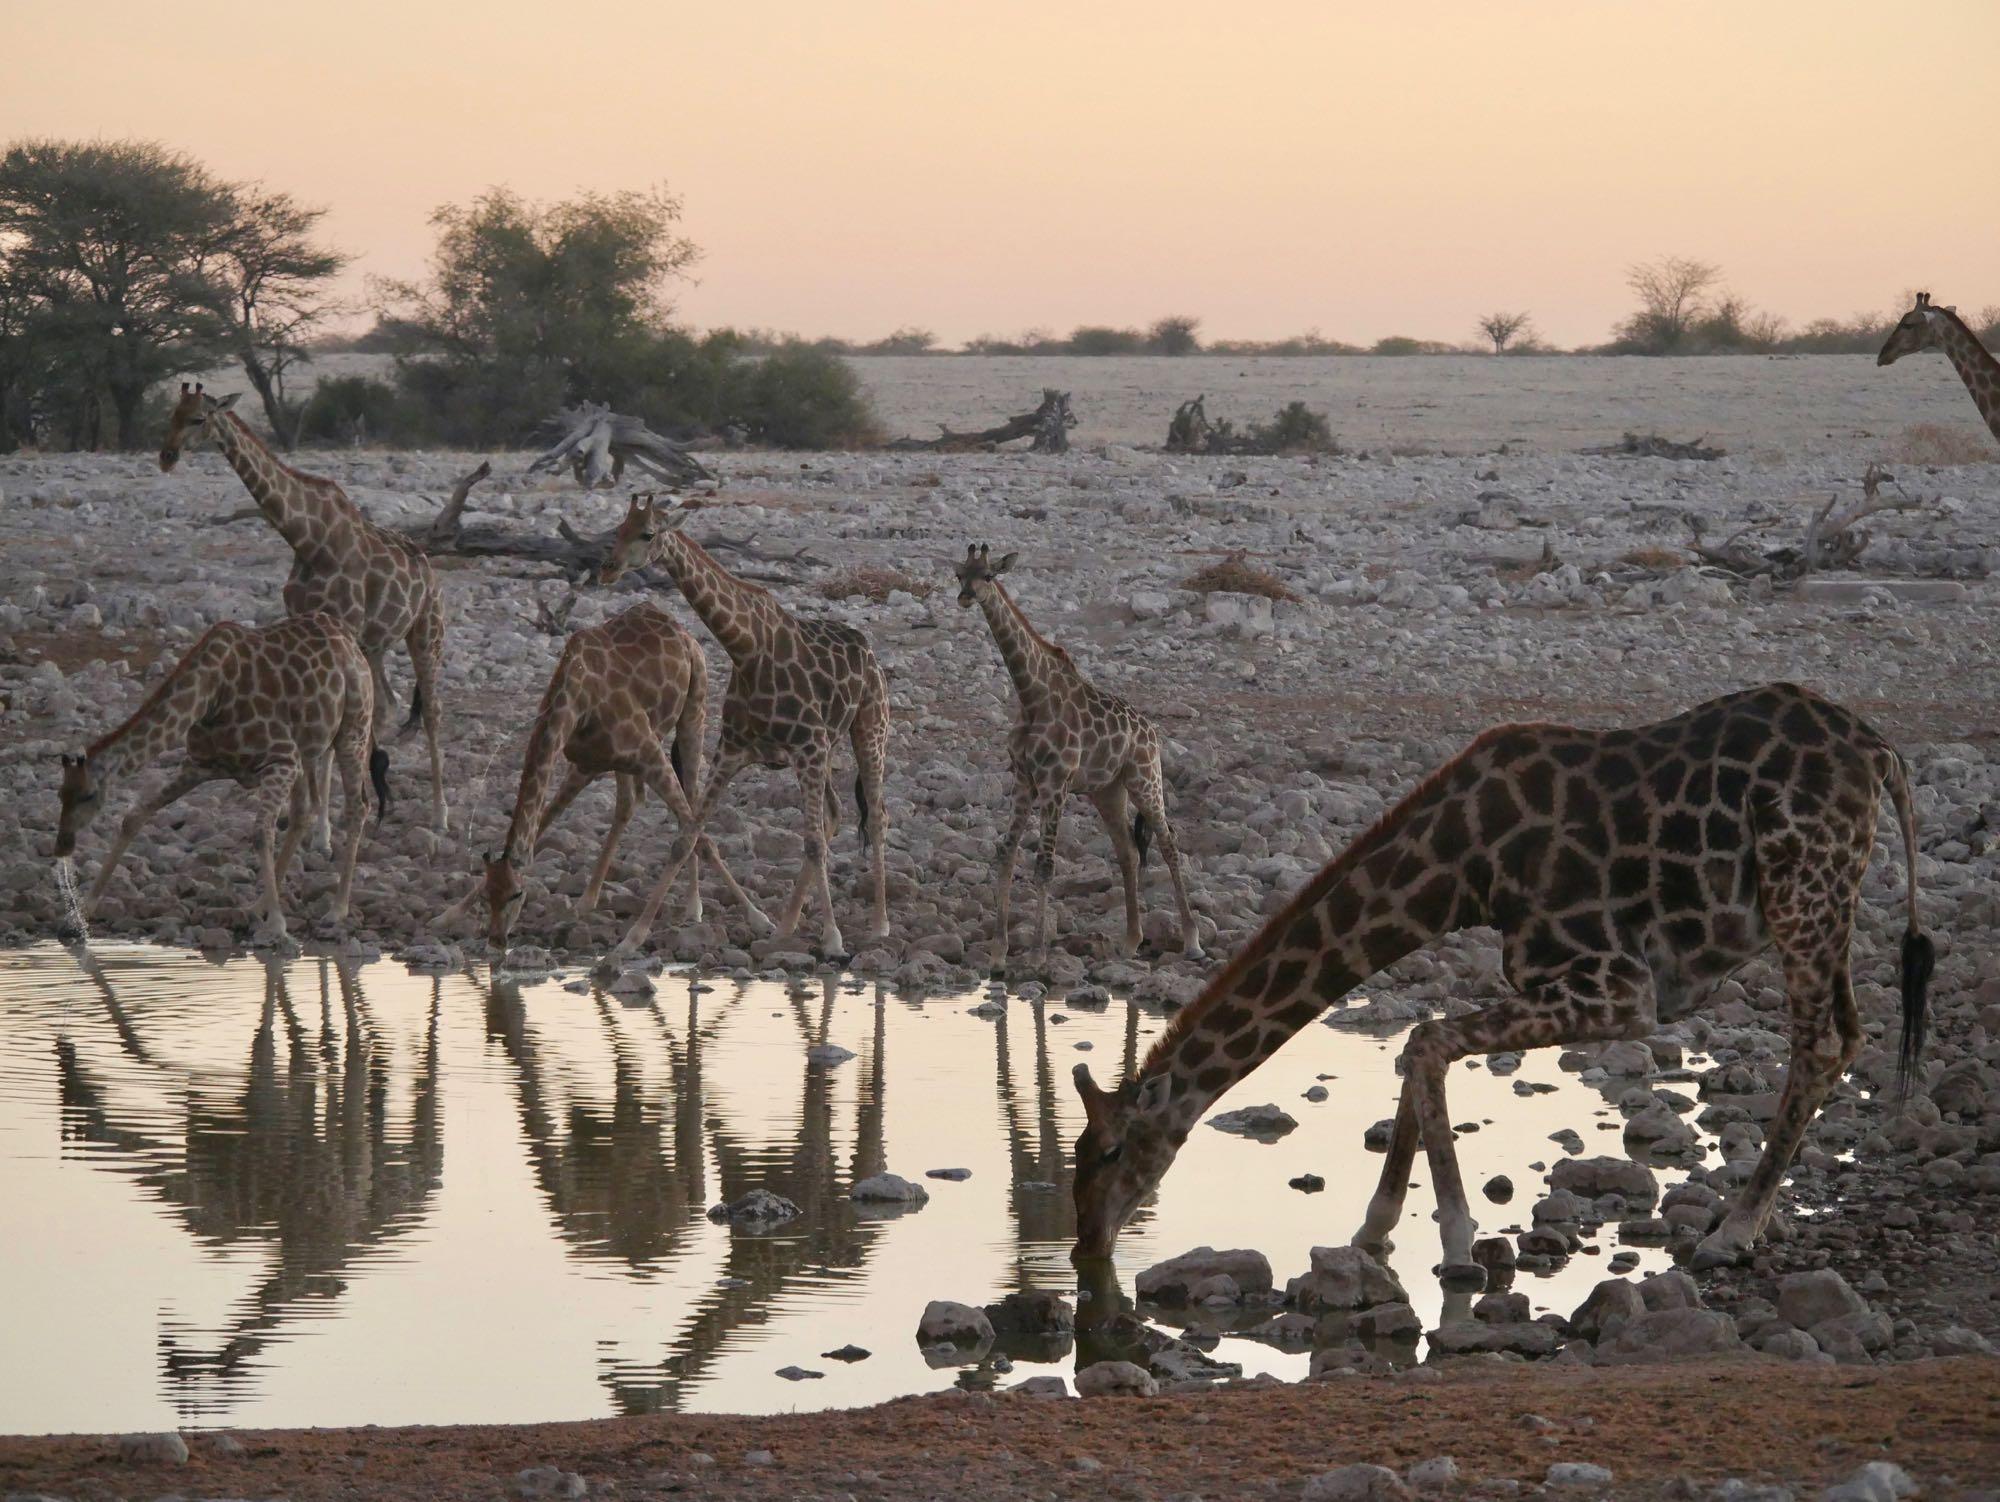 Les girafes au trou d'eau d'Okaukuejo